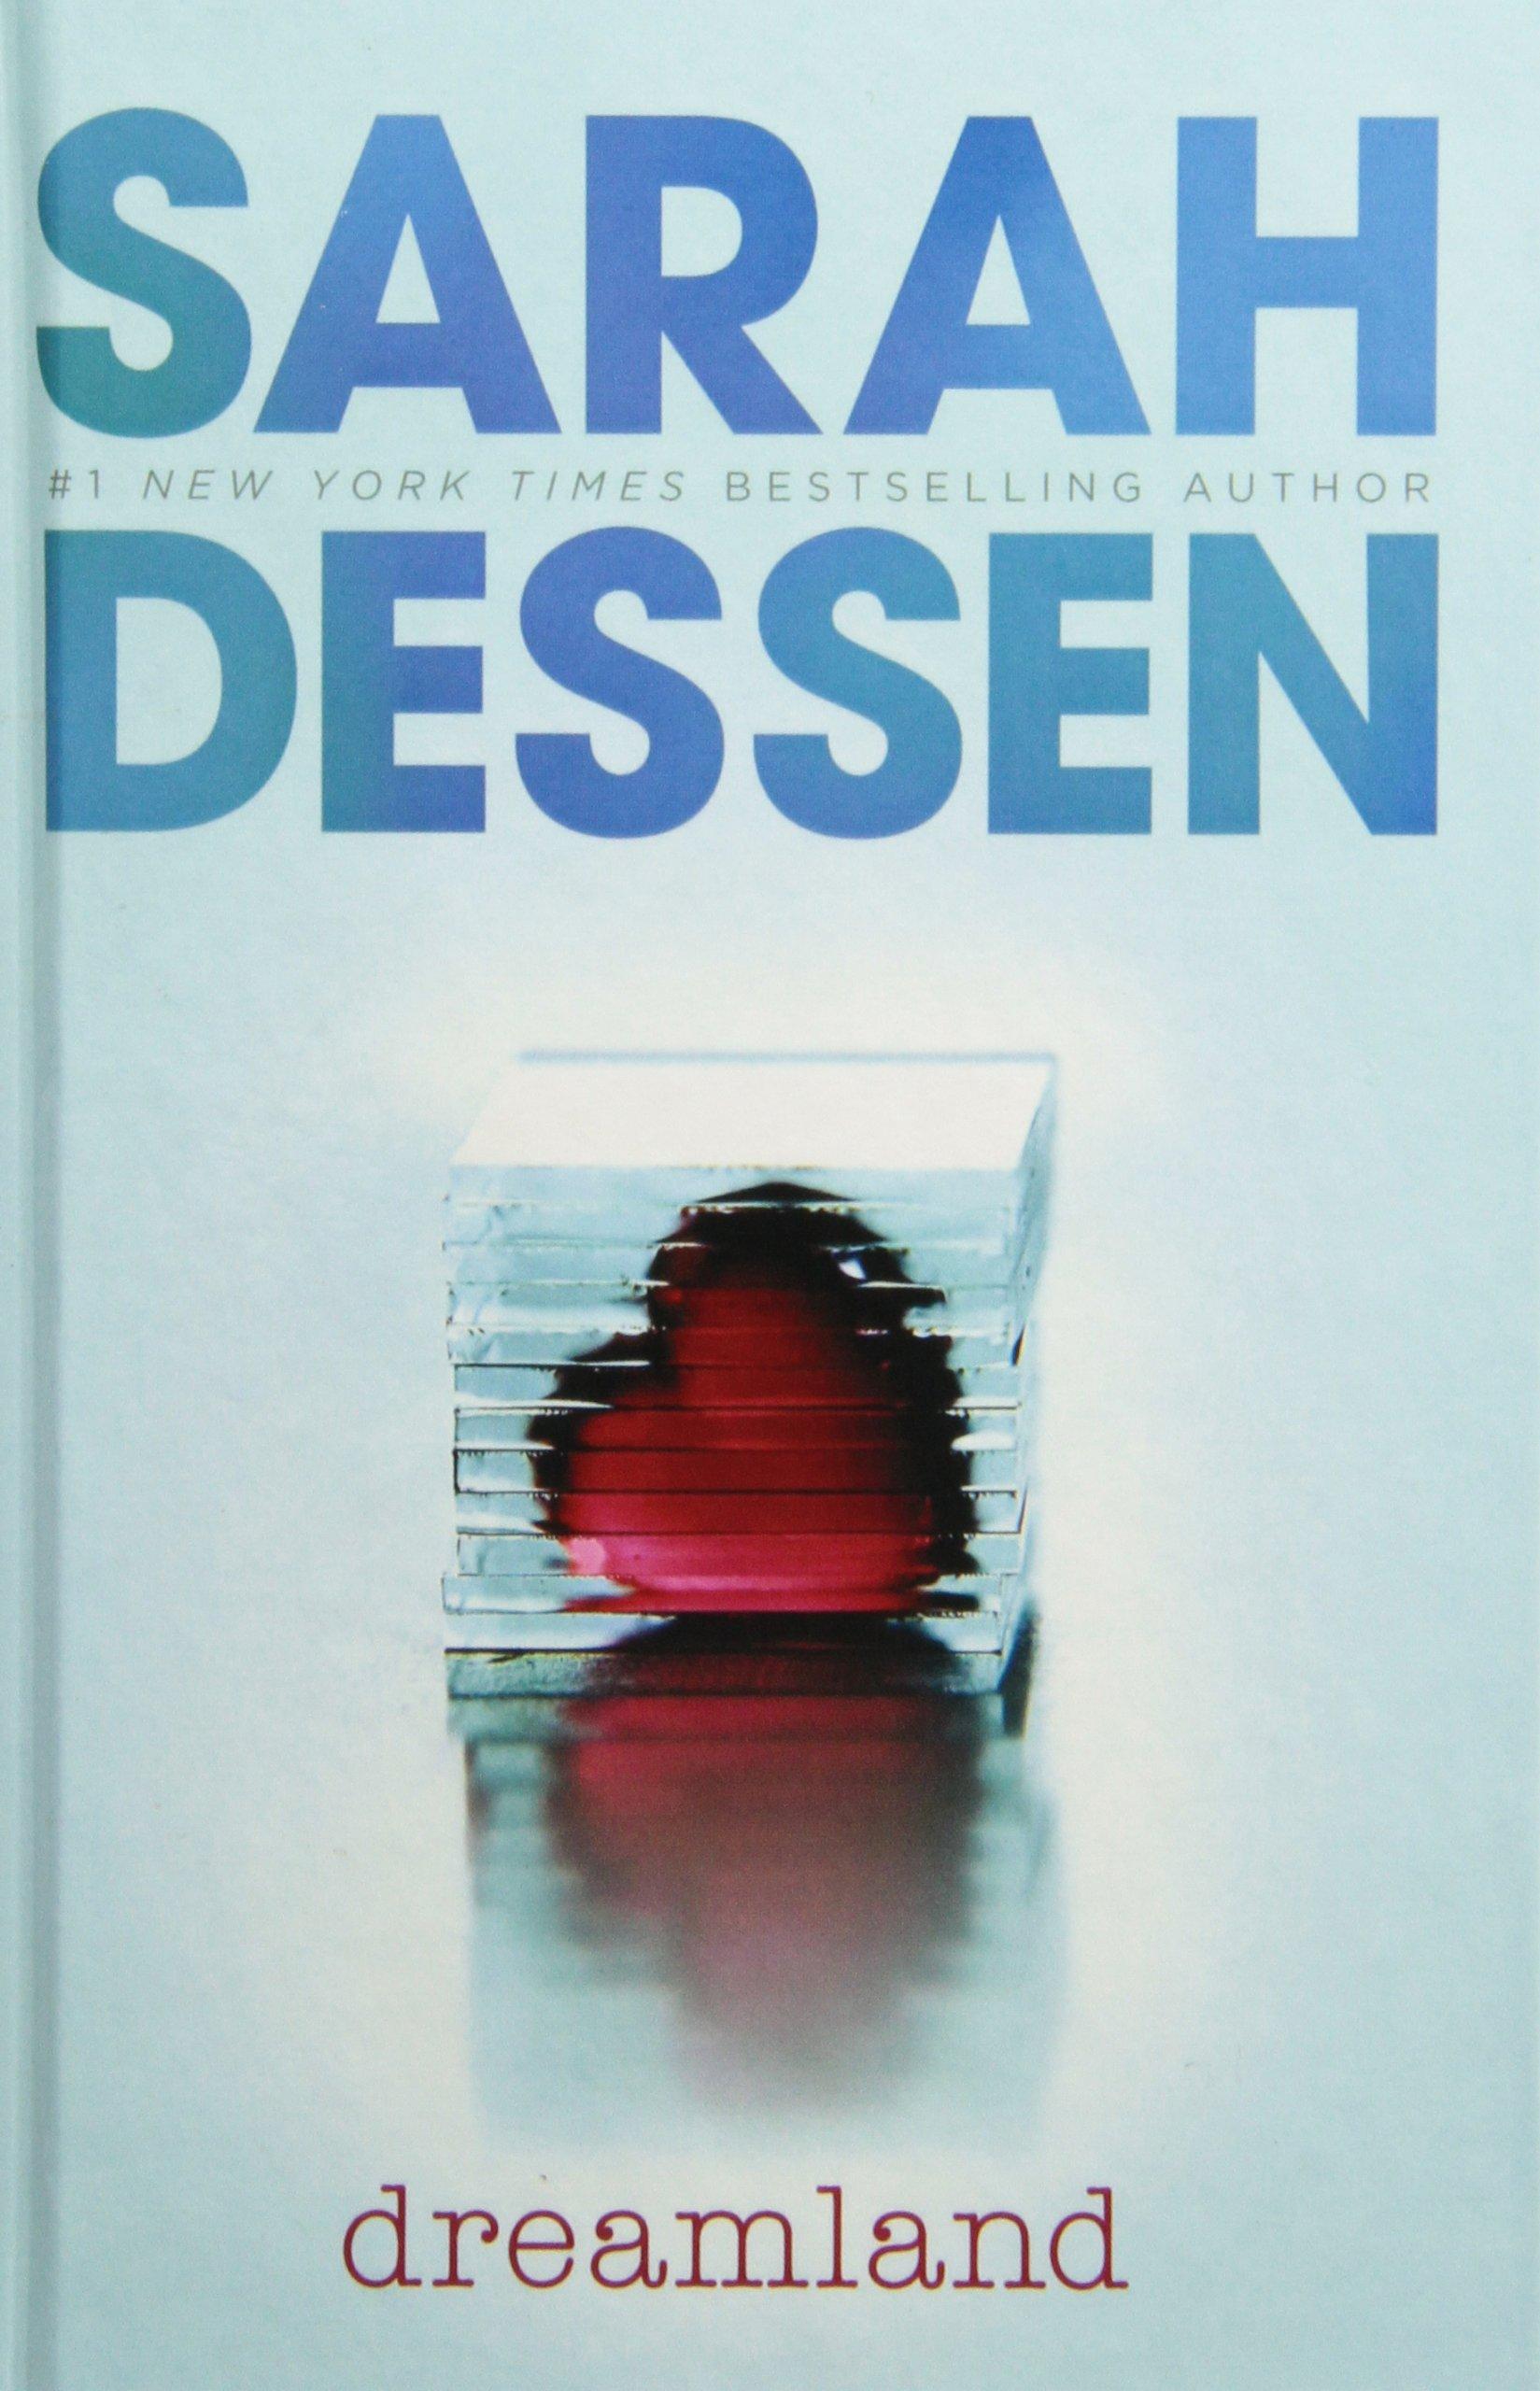 Download Dreamland By Sarah Dessen